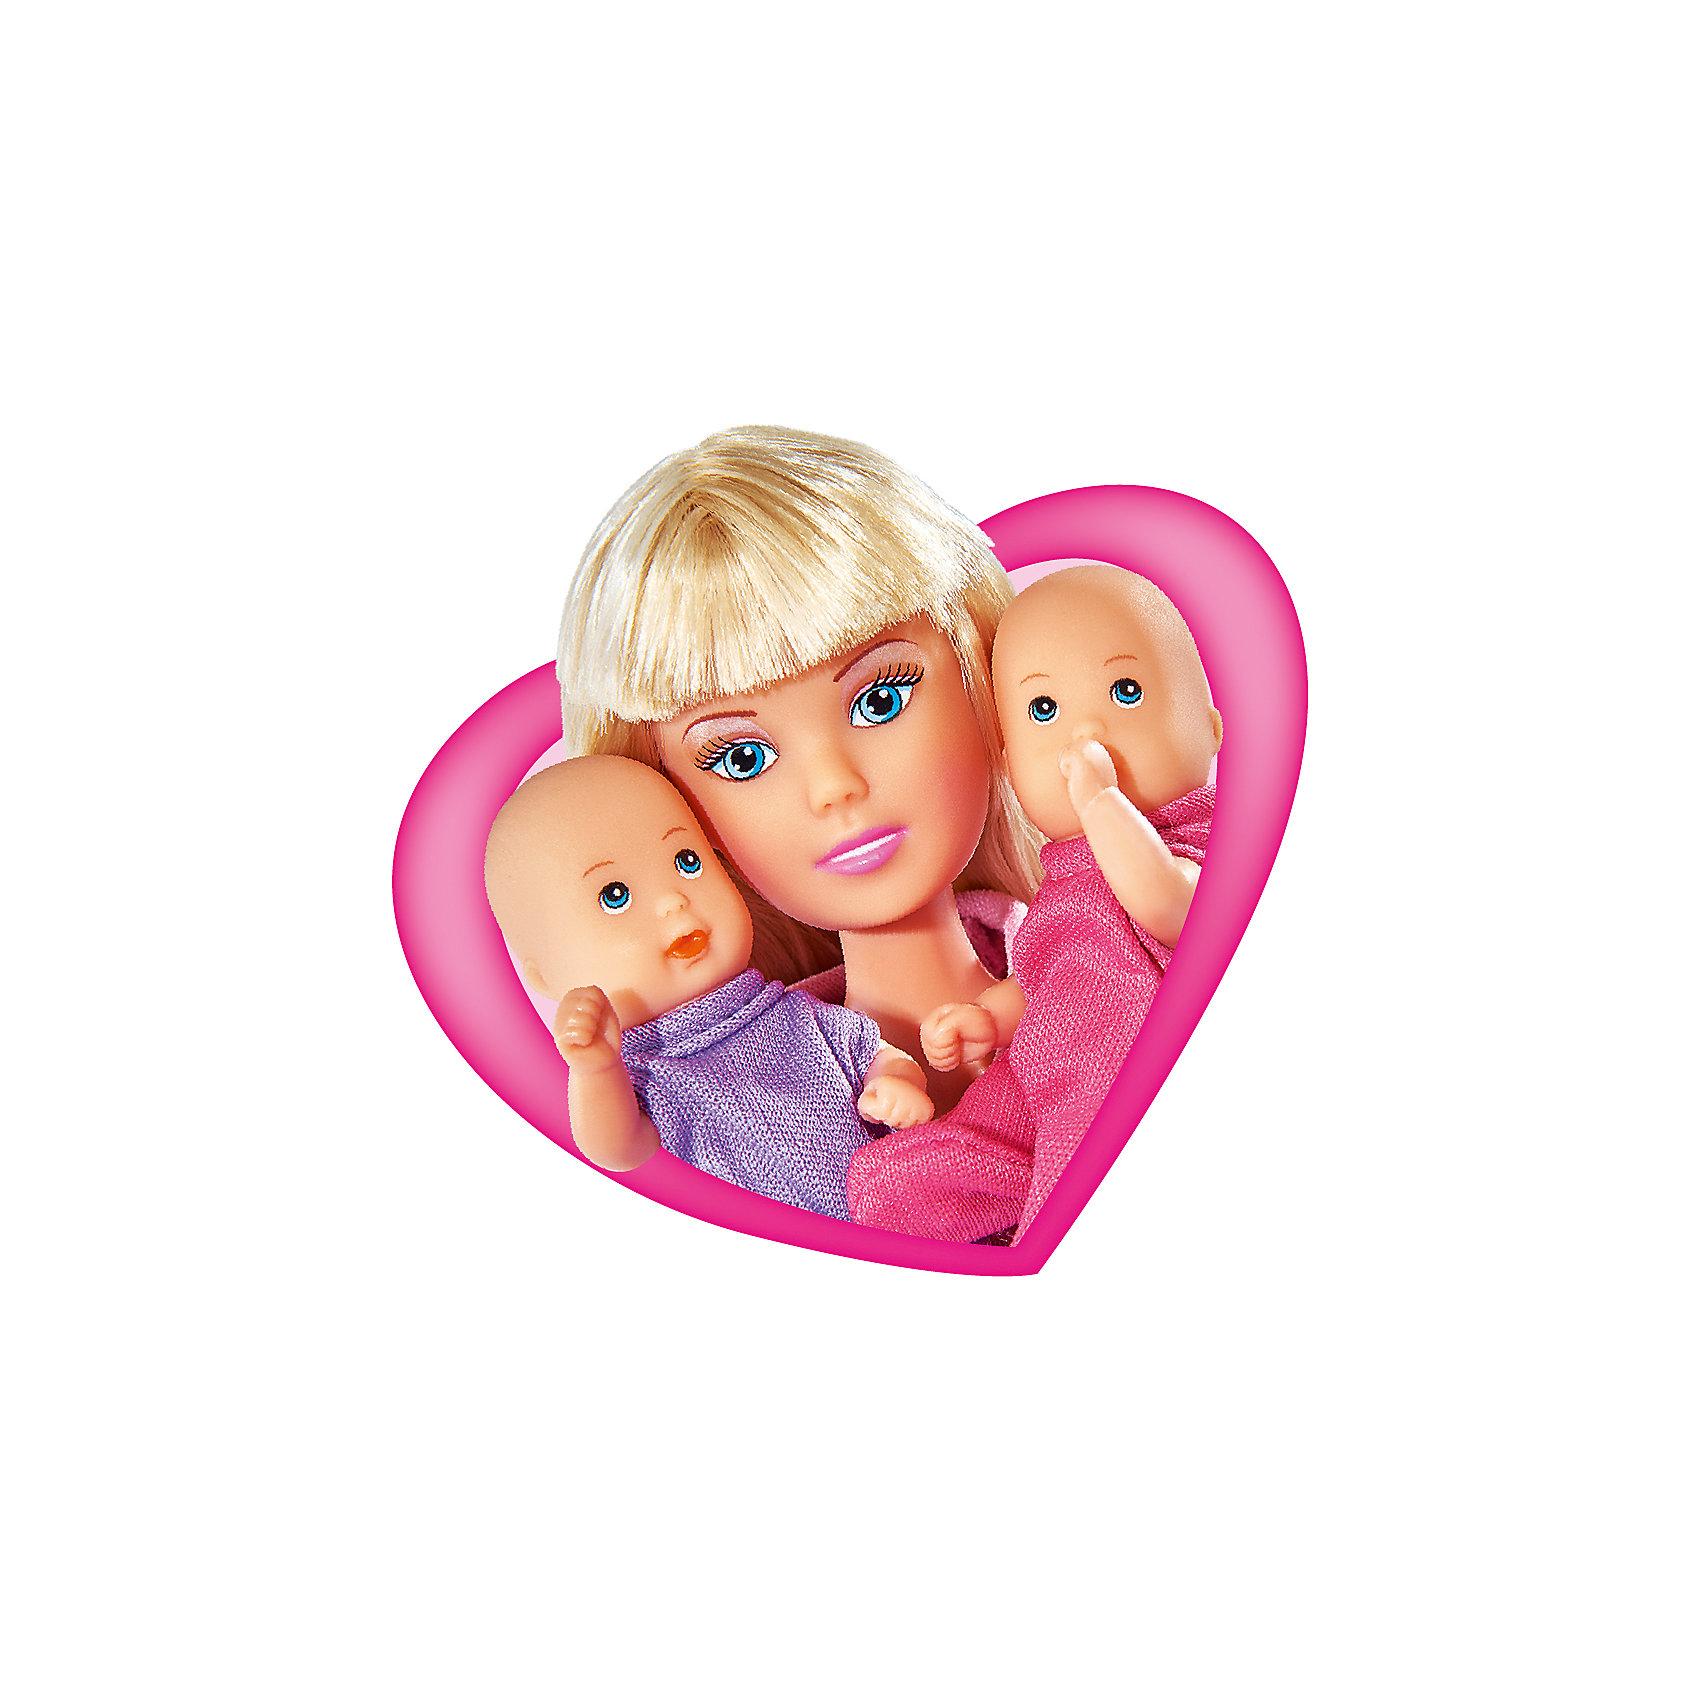 Кукла Штеффи с коляской, SimbaSteffi и Evi Love<br>Характеристики товара:<br><br>- цвет: разноцветный;<br>- материал: пластик;<br>- возраст: от трех лет;<br>- комплектация: кукла, аксессуары, 2 пупса;<br>- высота куклы: 29 см.<br><br>Эта симпатичная кукла Штеффи от известного бренда не оставит девочку равнодушной! Какая девочка сможет отказаться поиграть с куклами, которые дополнены набором в виде детей и предметов для них?! В набор входят аксессуары для игр с куклой. Игрушка очень качественно выполнена, поэтому она станет замечательным подарком ребенку. <br>Продается набор в красивой удобной упаковке. Изделие произведено из высококачественного материала, безопасного для детей.<br><br>Куклу Штеффи с коляской от бренда Simba можно купить в нашем интернет-магазине.<br><br>Ширина мм: 85<br>Глубина мм: 325<br>Высота мм: 260<br>Вес г: 540<br>Возраст от месяцев: 36<br>Возраст до месяцев: 120<br>Пол: Женский<br>Возраст: Детский<br>SKU: 5119531